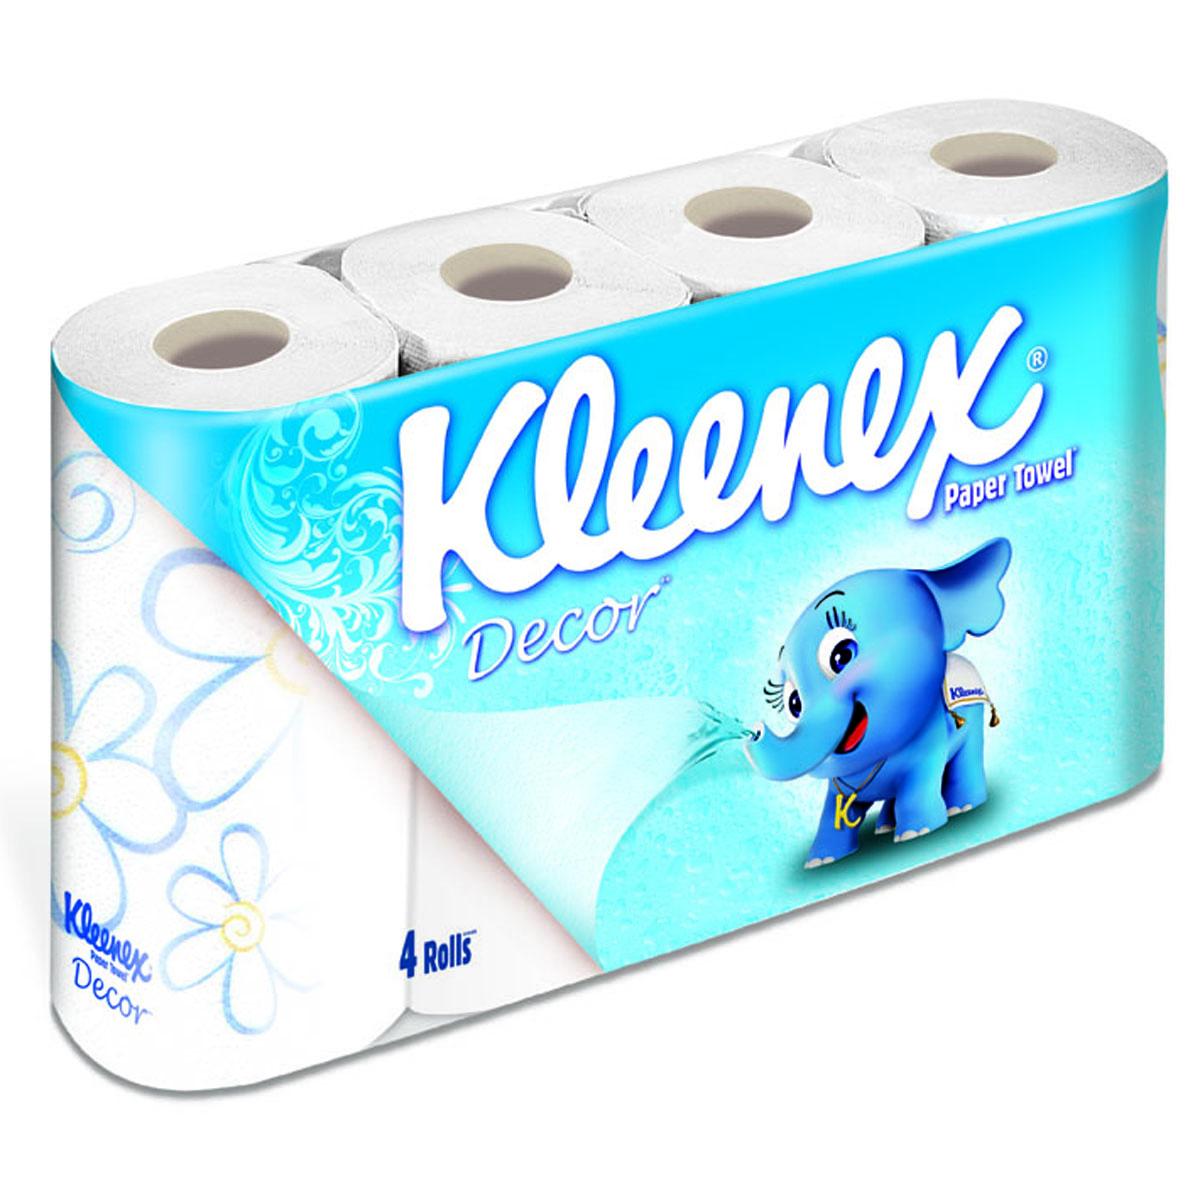 Полотенца бумажные Kleenex декор (2 слоя) 4 шт<br>